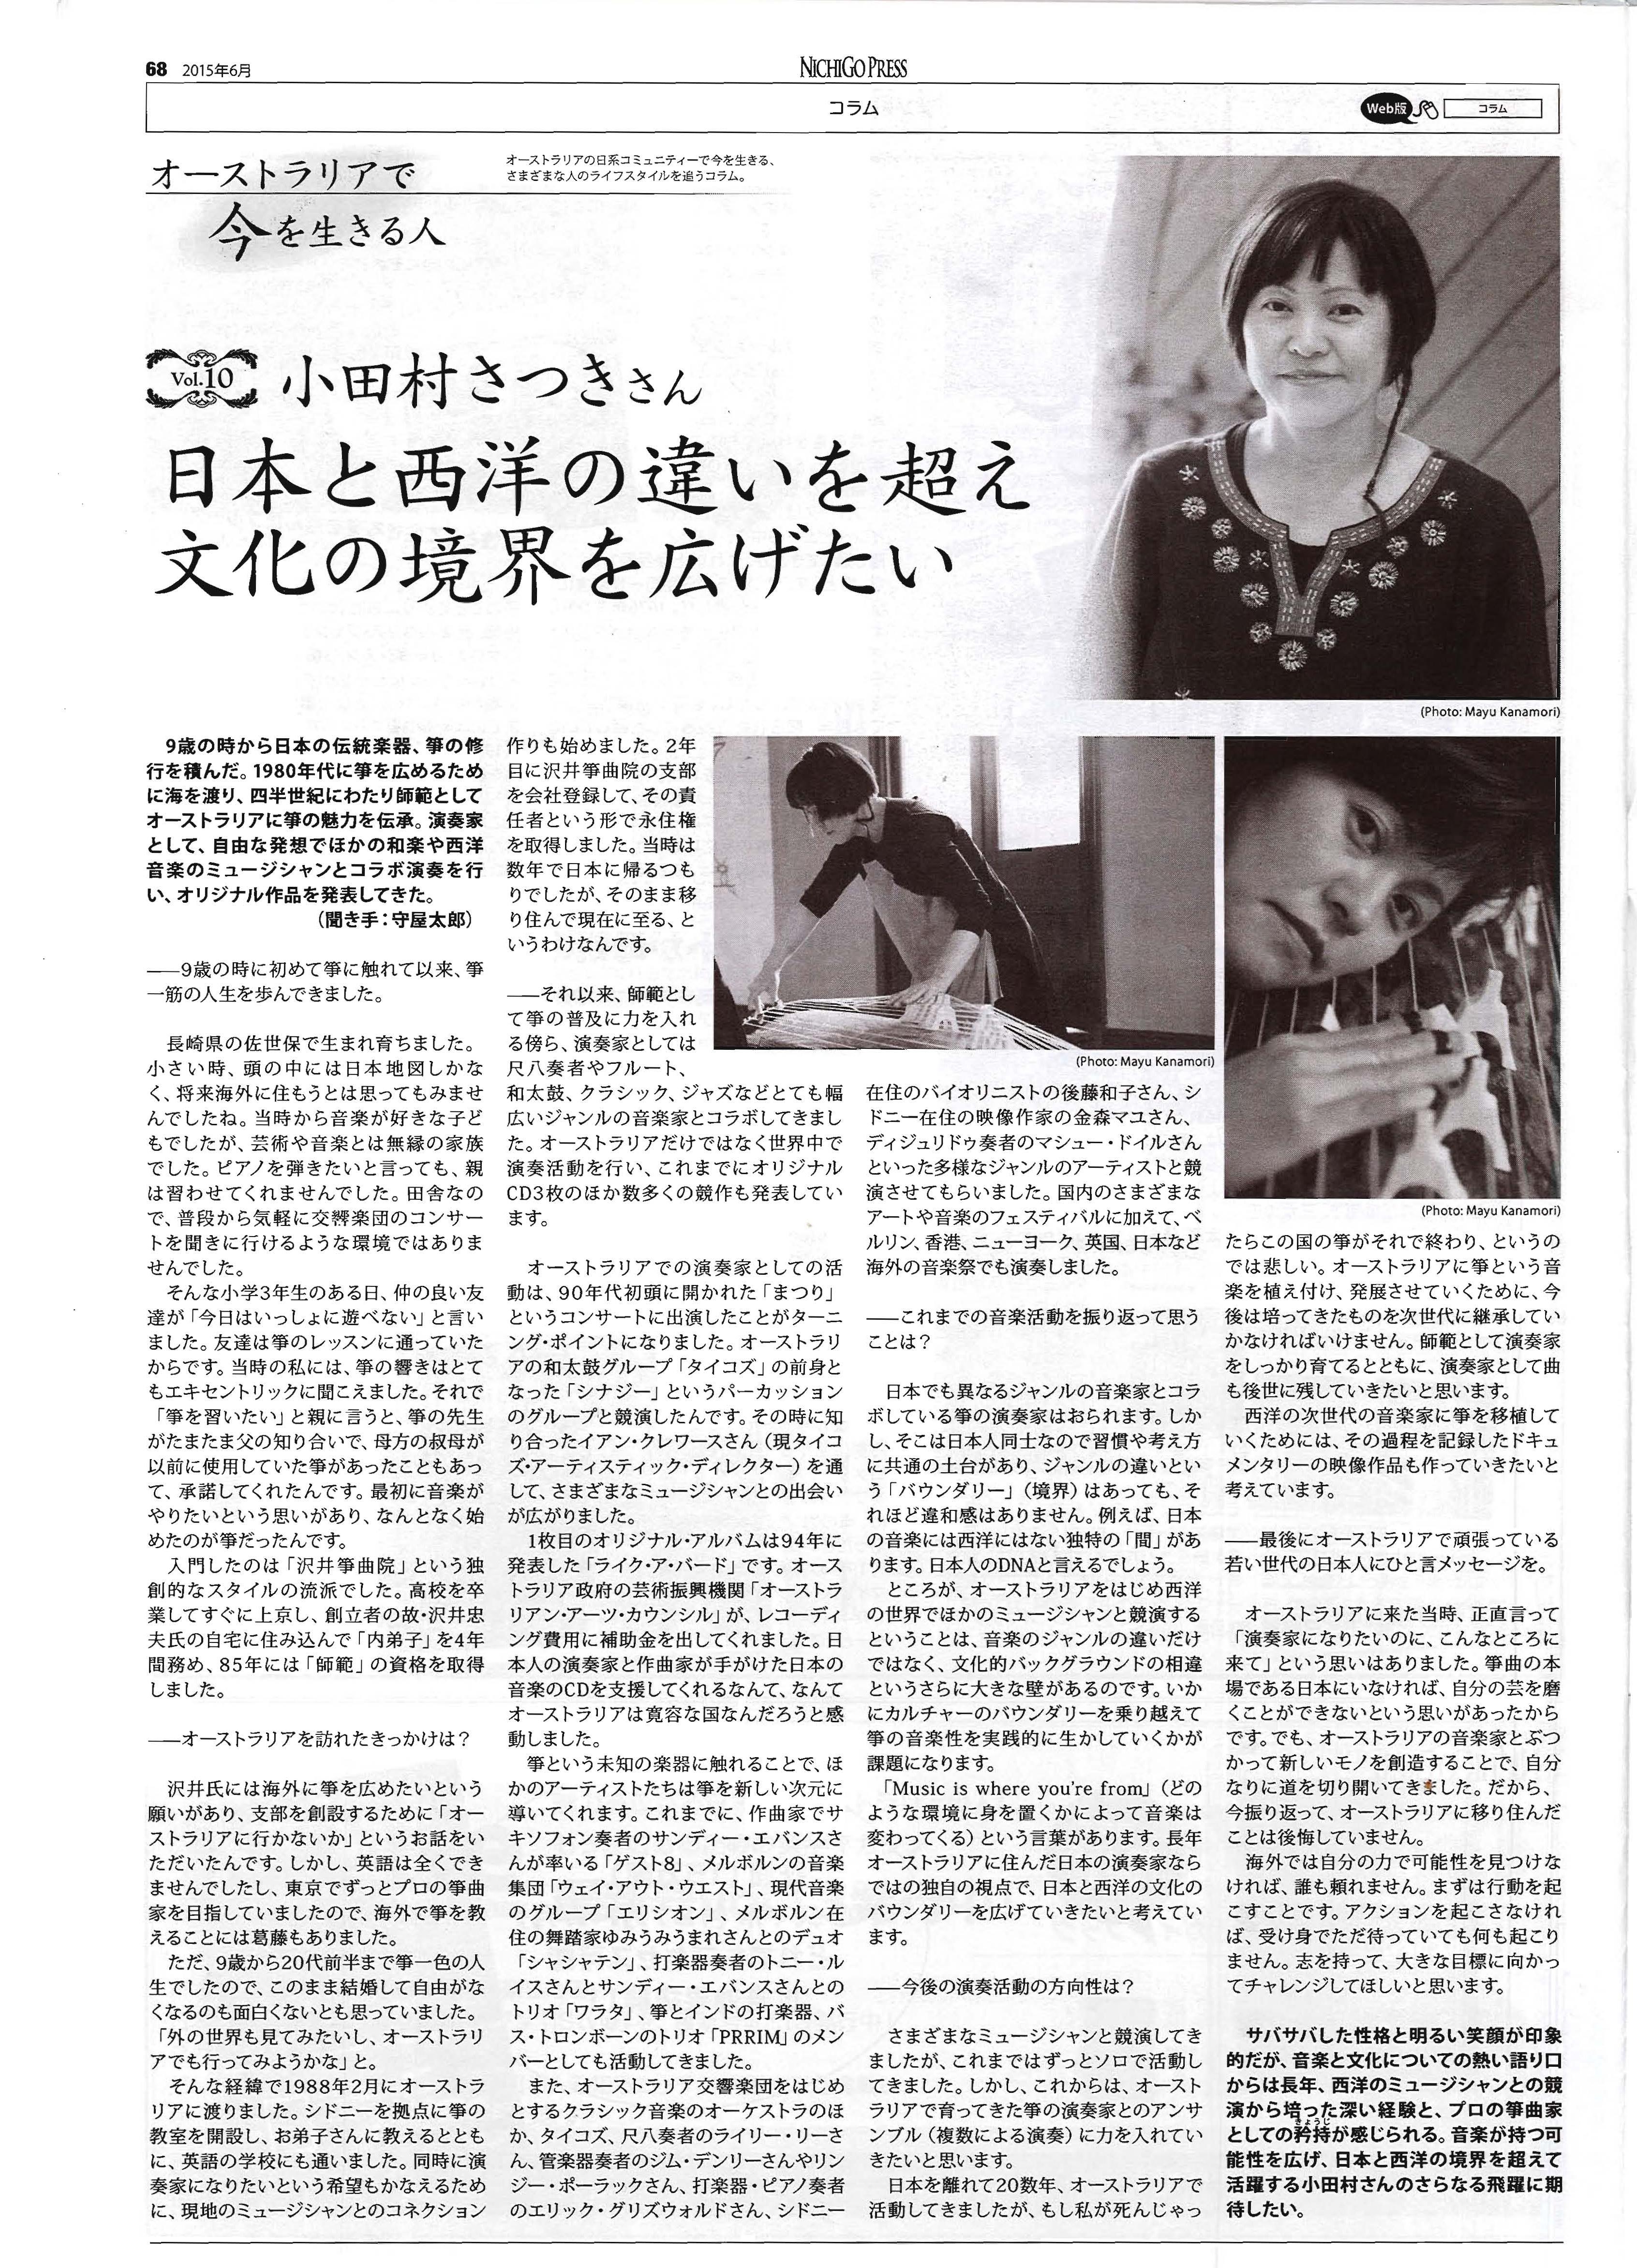 Satsuki Article- Nichigo Press